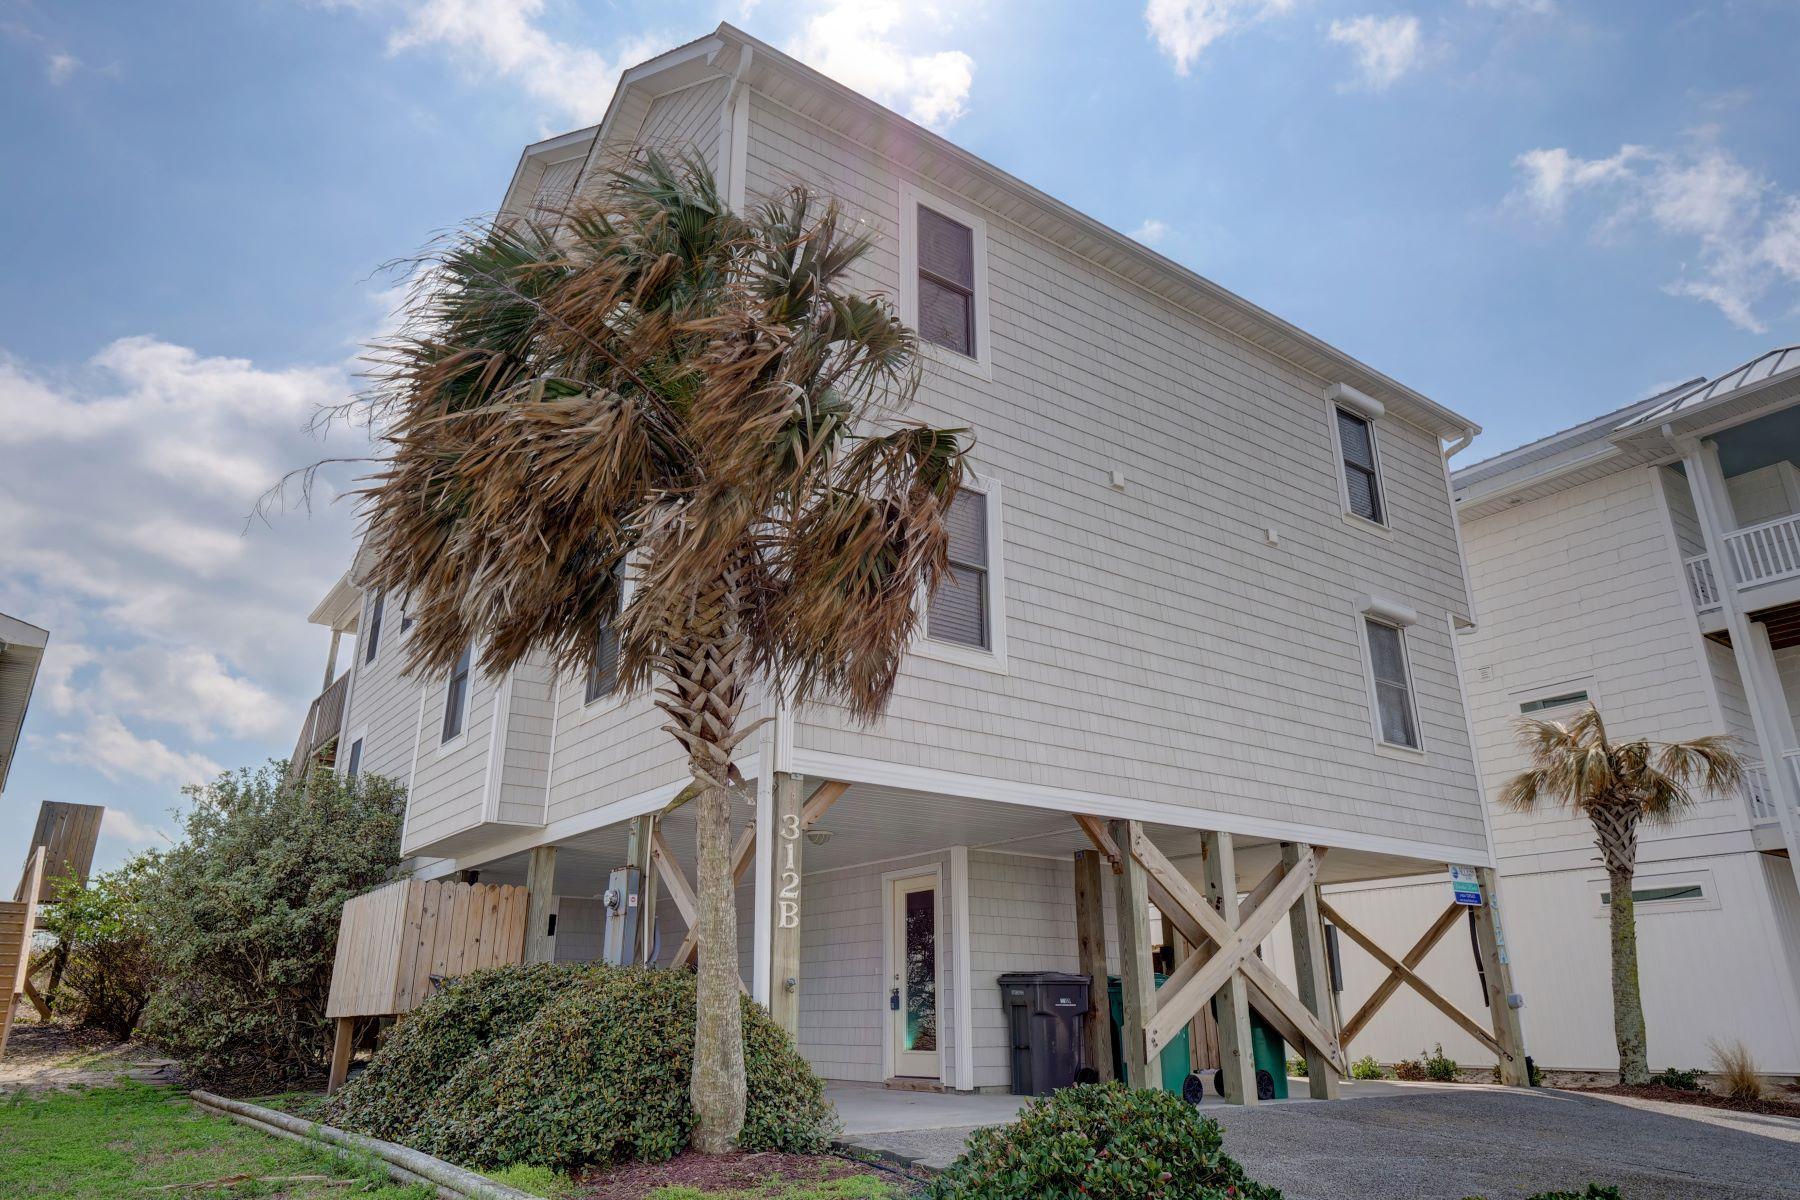 تاون هاوس للـ Sale في Captivating Oceanfront Townhouse 312 N Shore Drive B, Surf City, North Carolina, 28445 United States